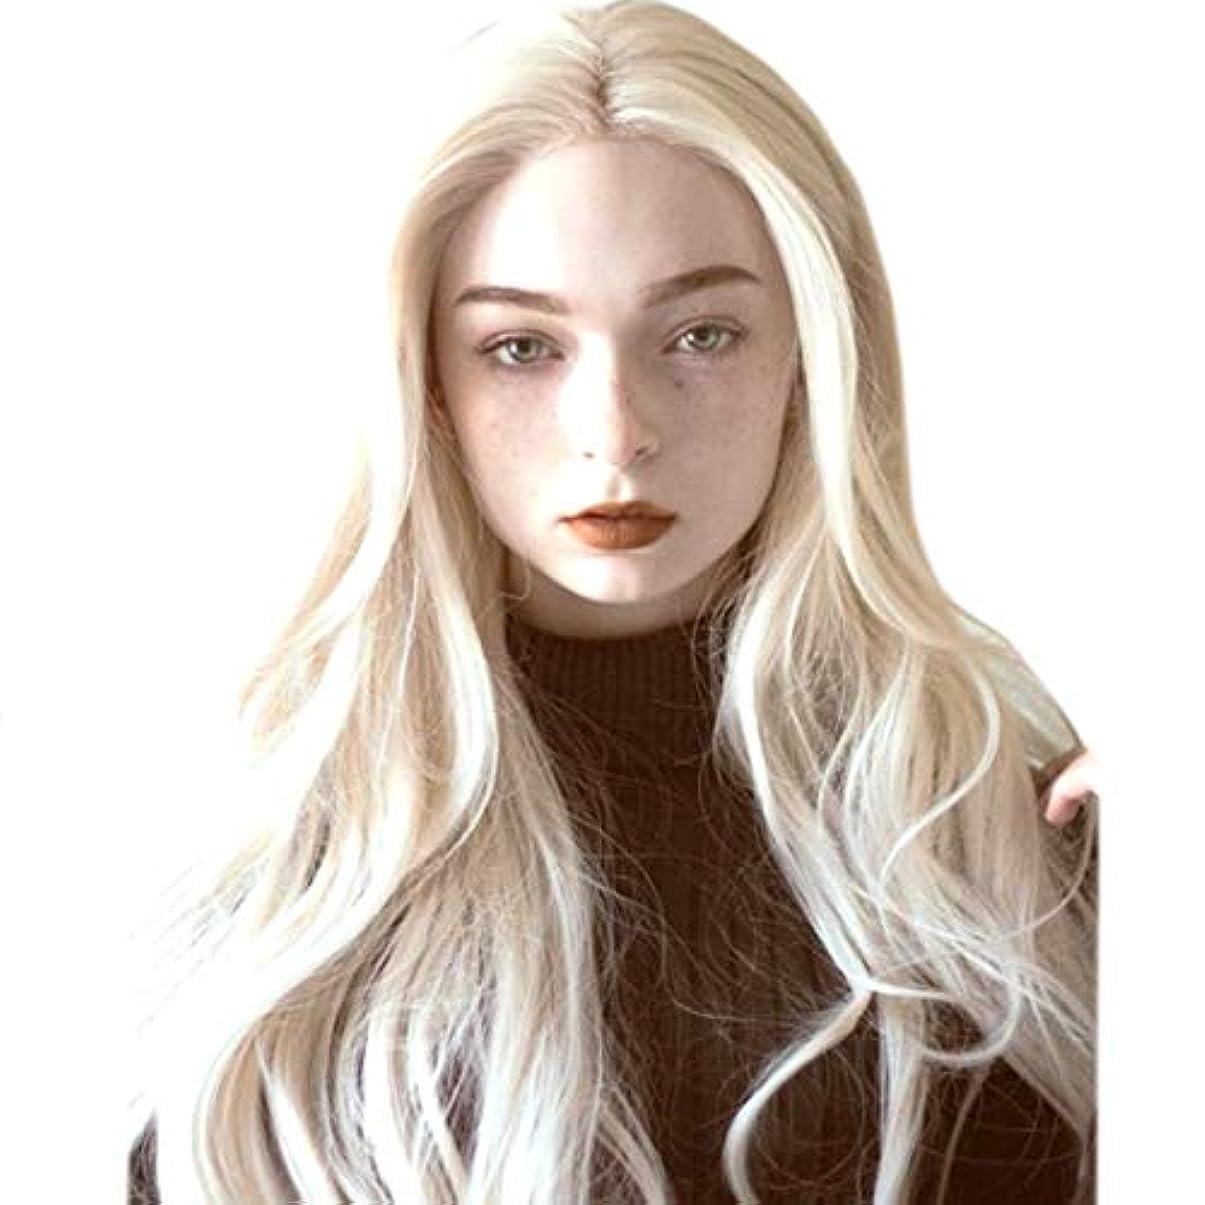 コンテスト怠失望させるSummerys ロングヘアウィッグロングウェーブのかかった合成のカラフルなコスプレデイリーパーティーウィッグ本物の髪として自然な女性